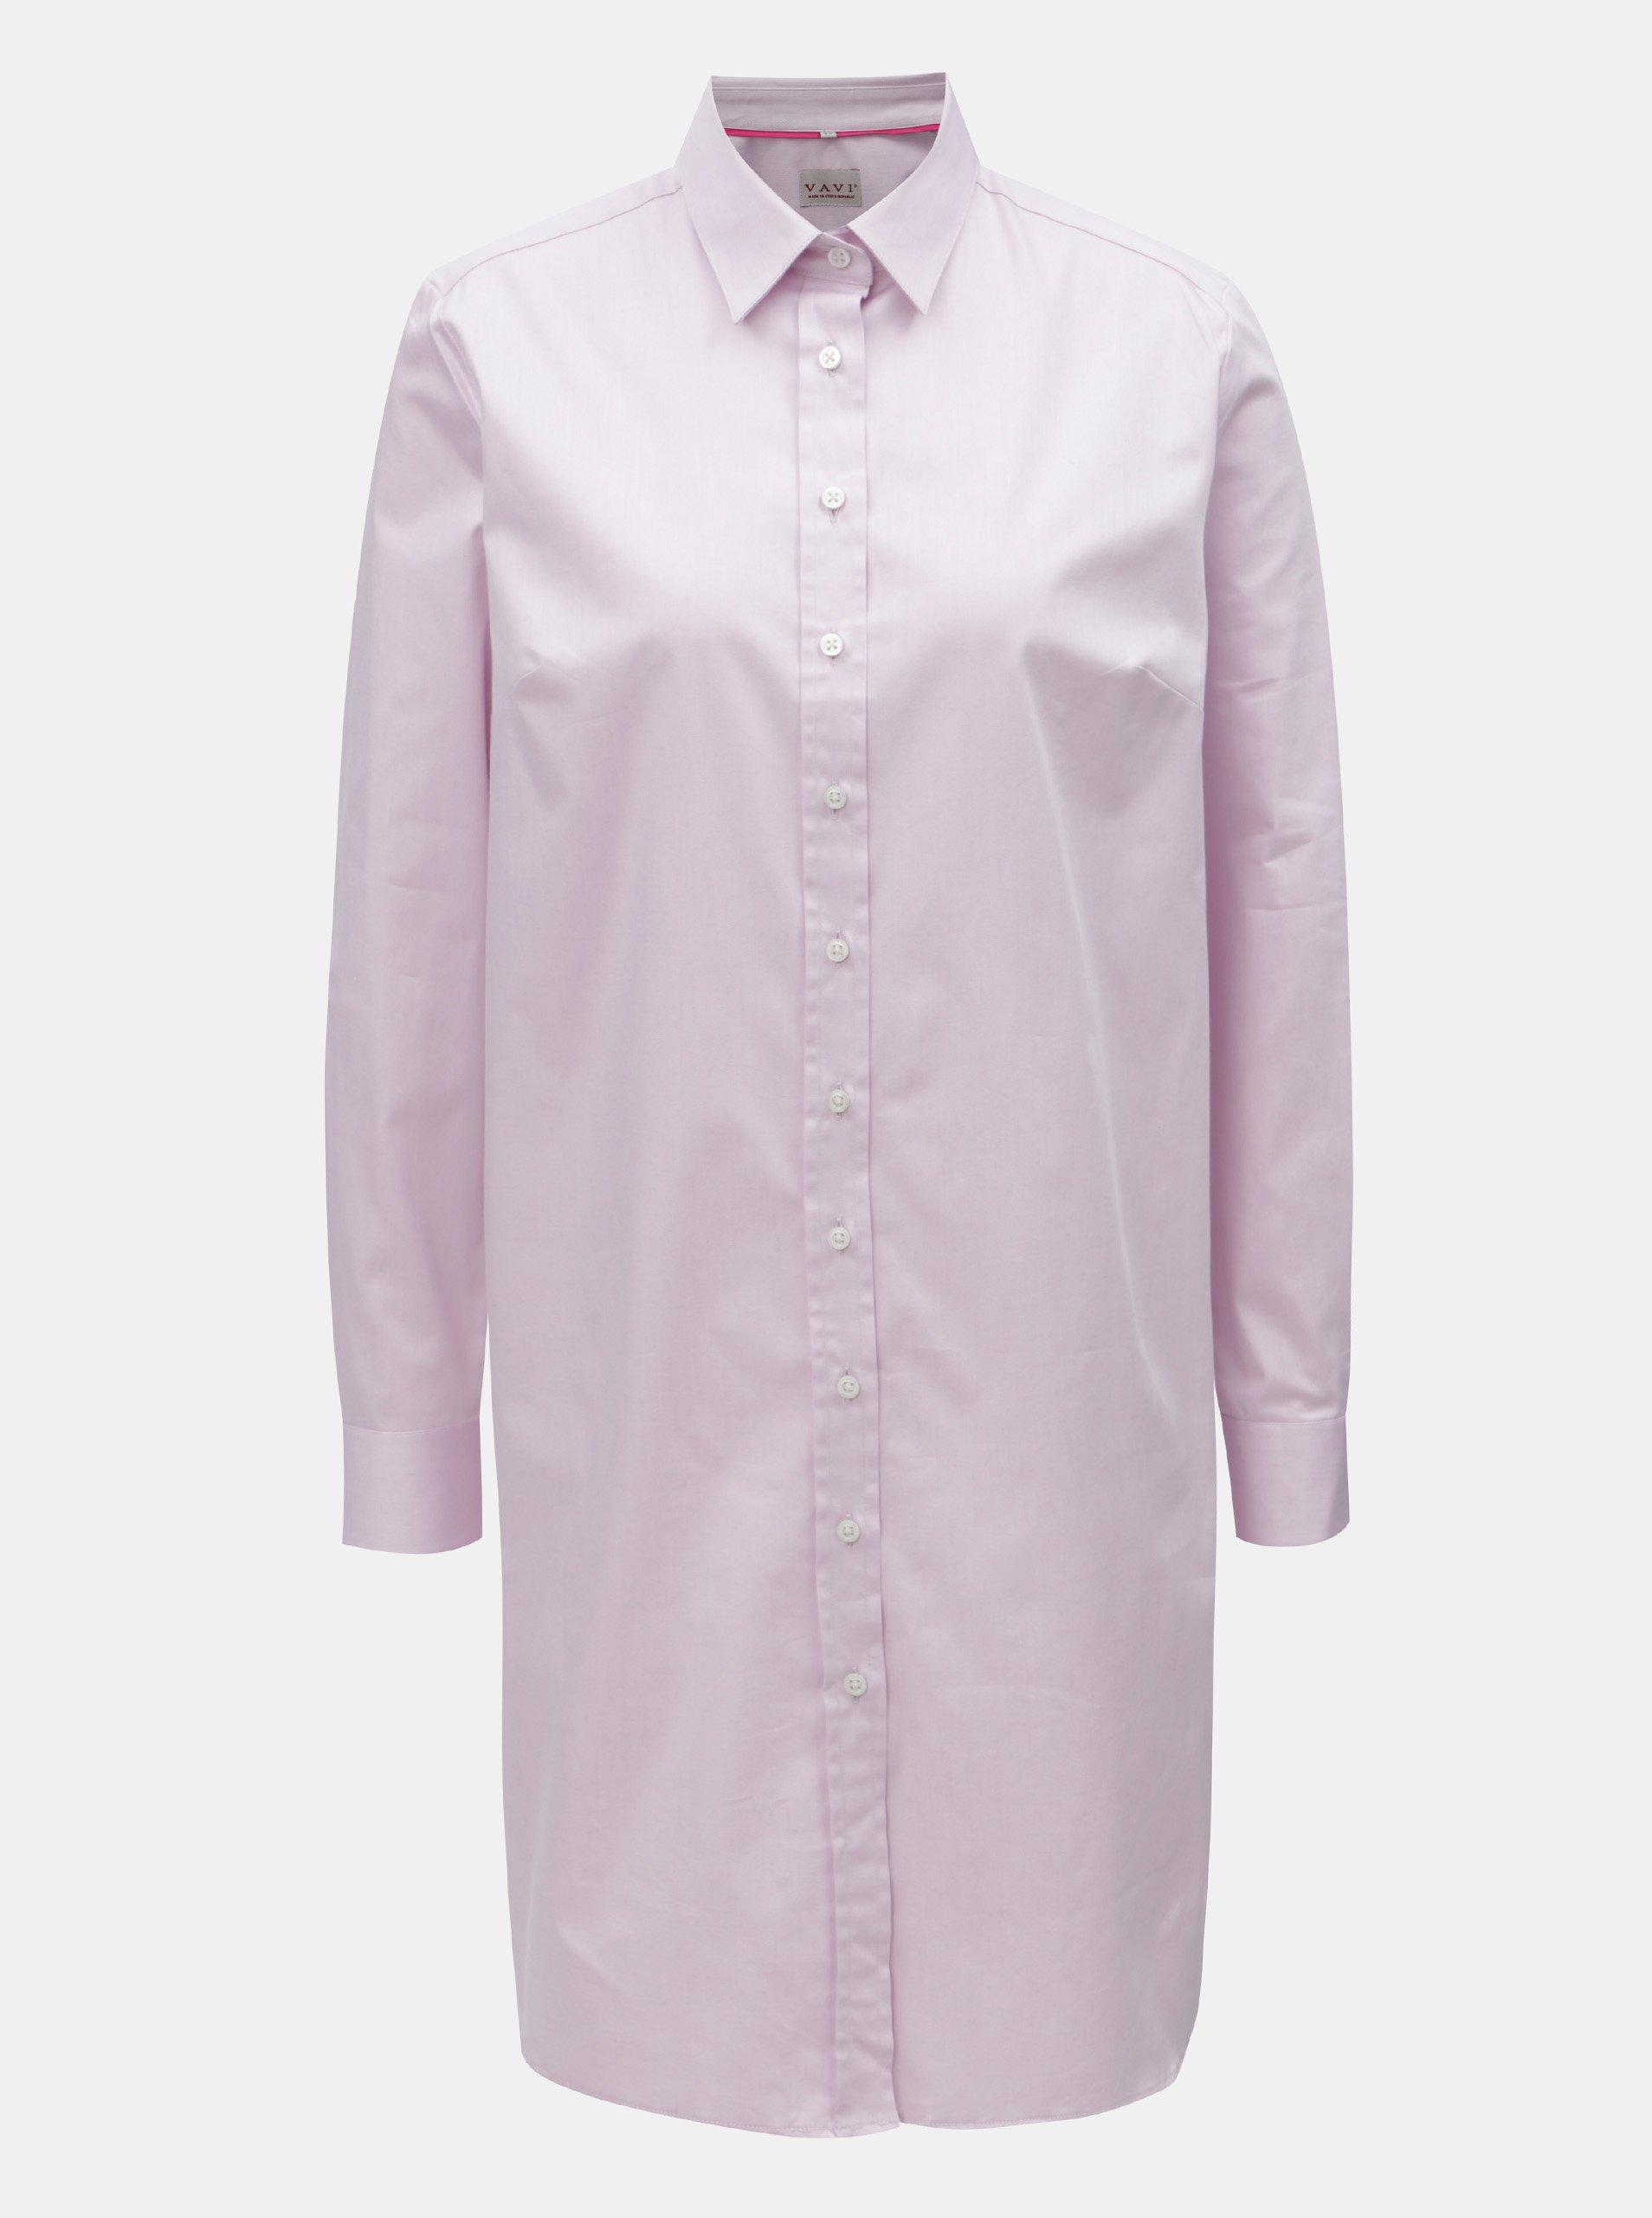 00b4a72bf99d Ružové košeľové šaty VAVI